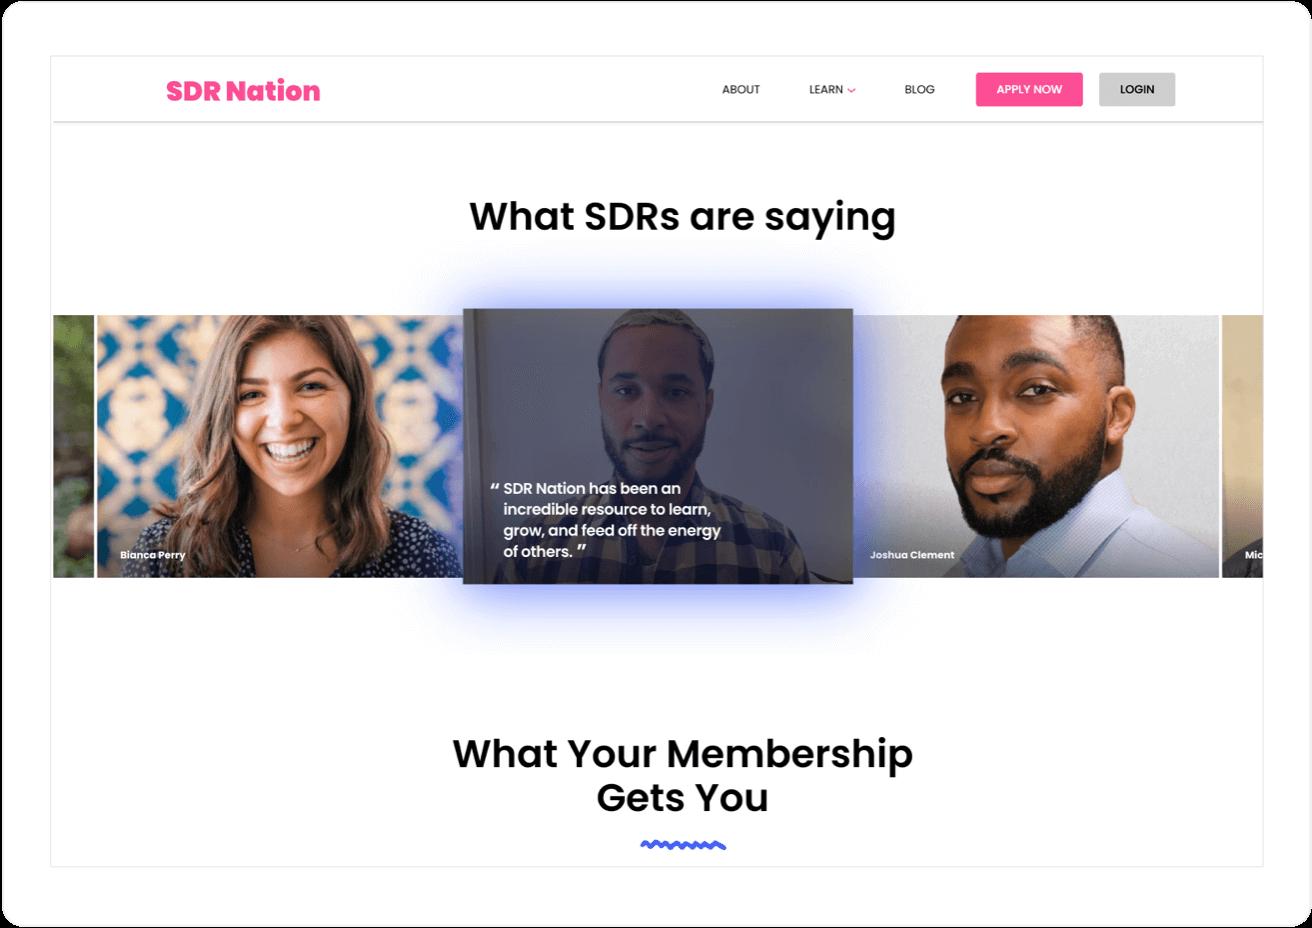 Social Proof on SDR Nation Website